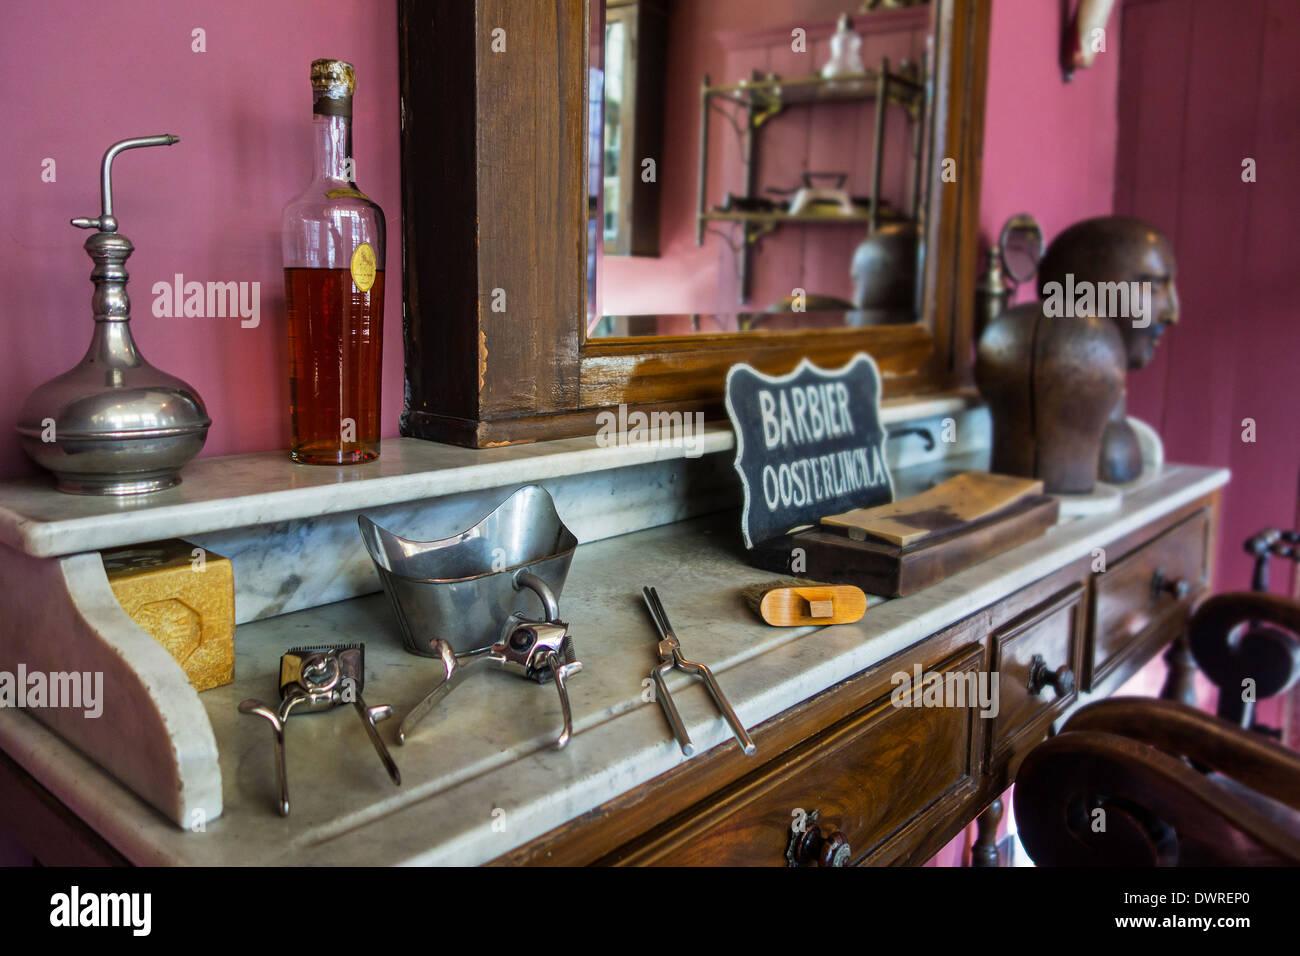 interior of old barber 39 s shop showing manual beard. Black Bedroom Furniture Sets. Home Design Ideas